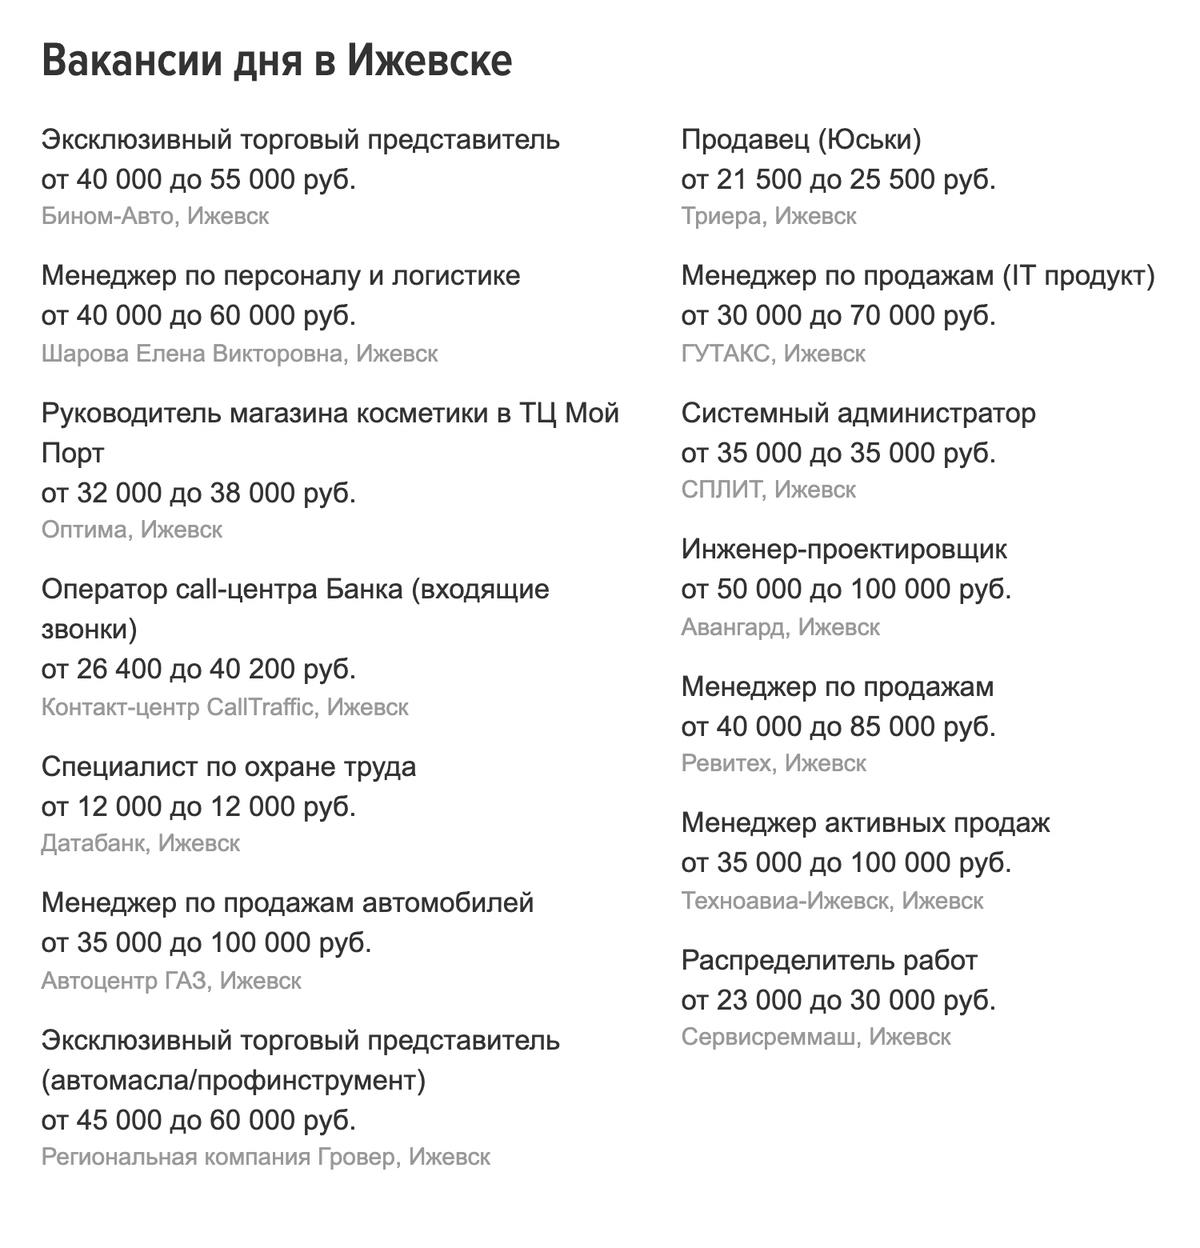 Наиболее востребованные специалисты в Ижевске — менеджеры, водители, продажники